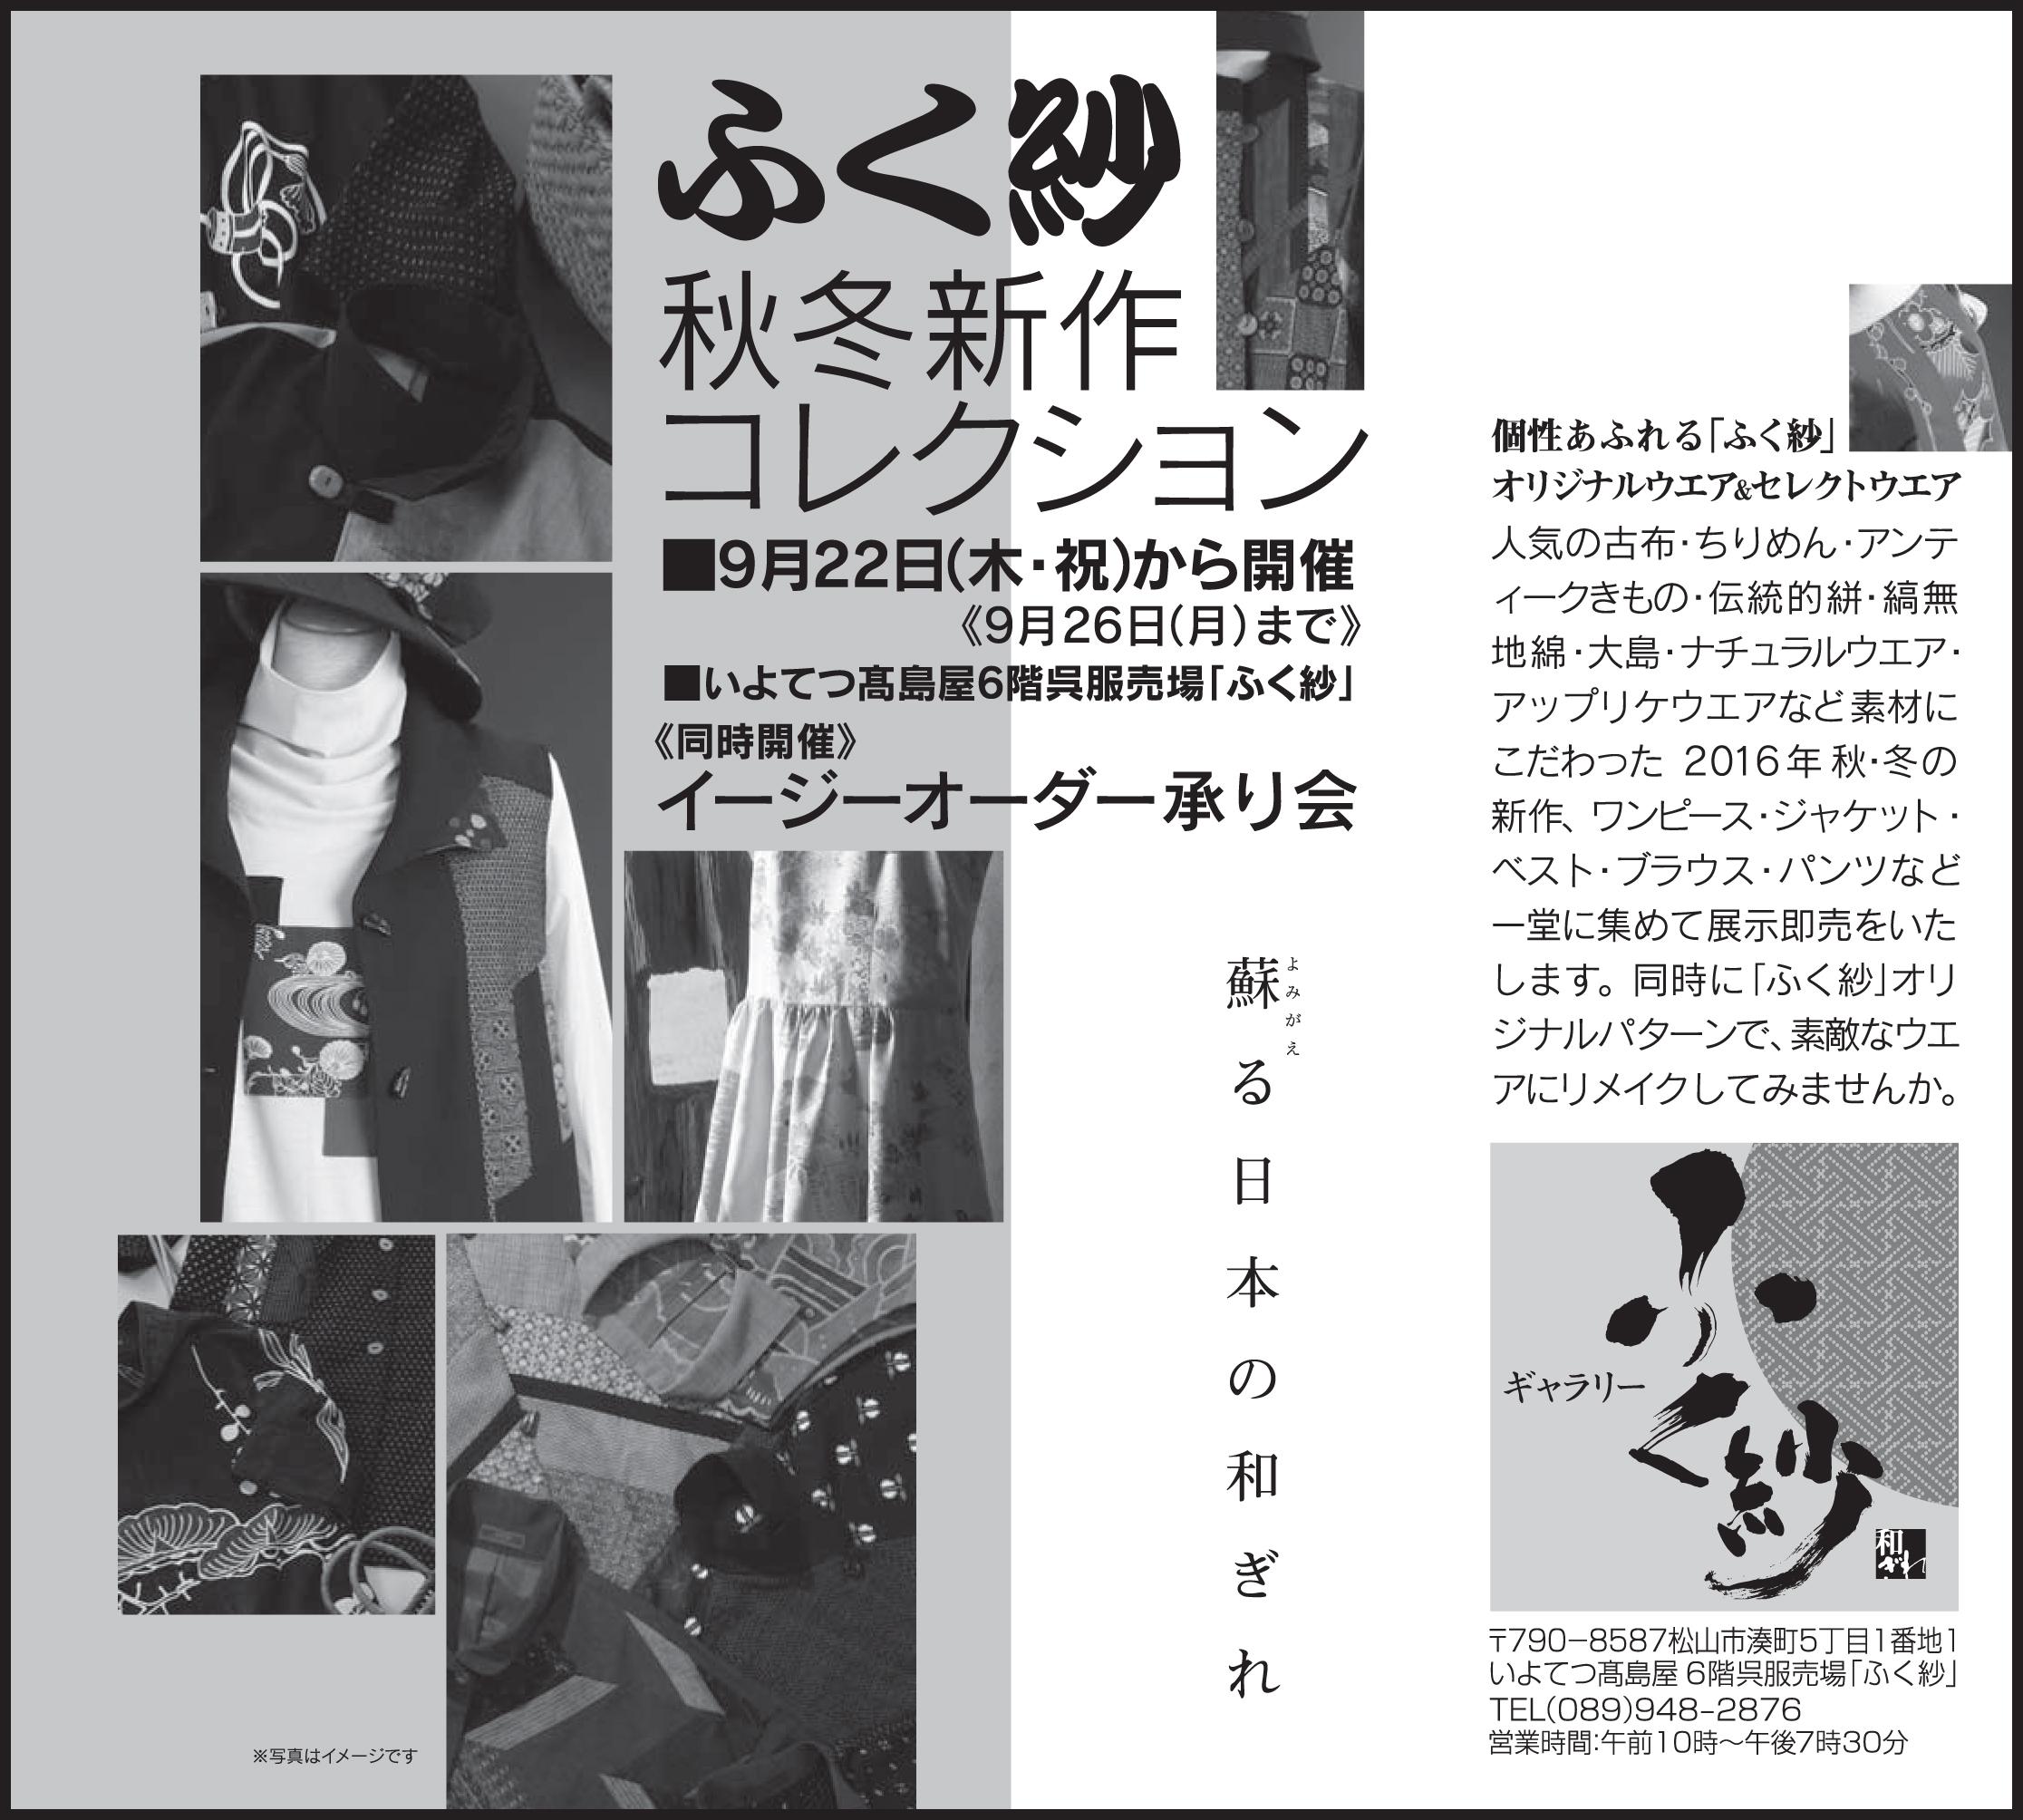 2016.9.21ふく紗秋冬新作コレクション